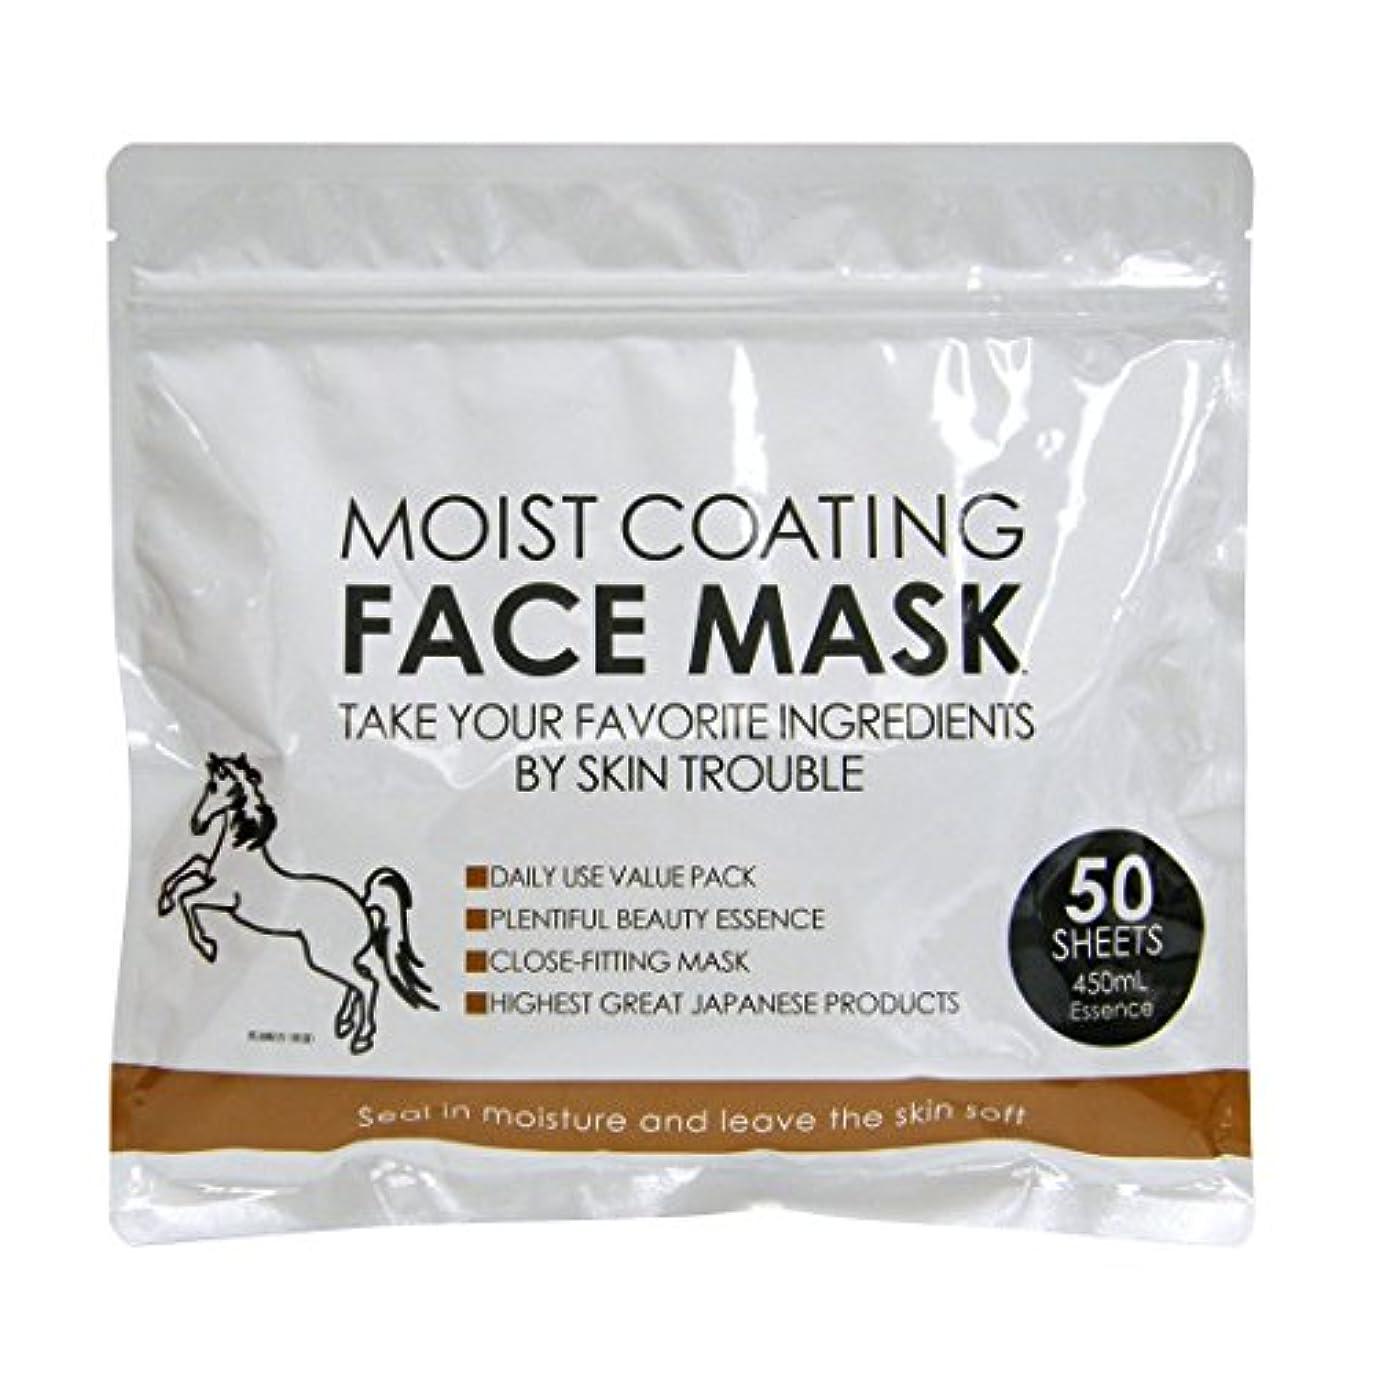 仕様お願いします状態【Amazon.co.jp限定】フェイスマスク 馬油 50枚入